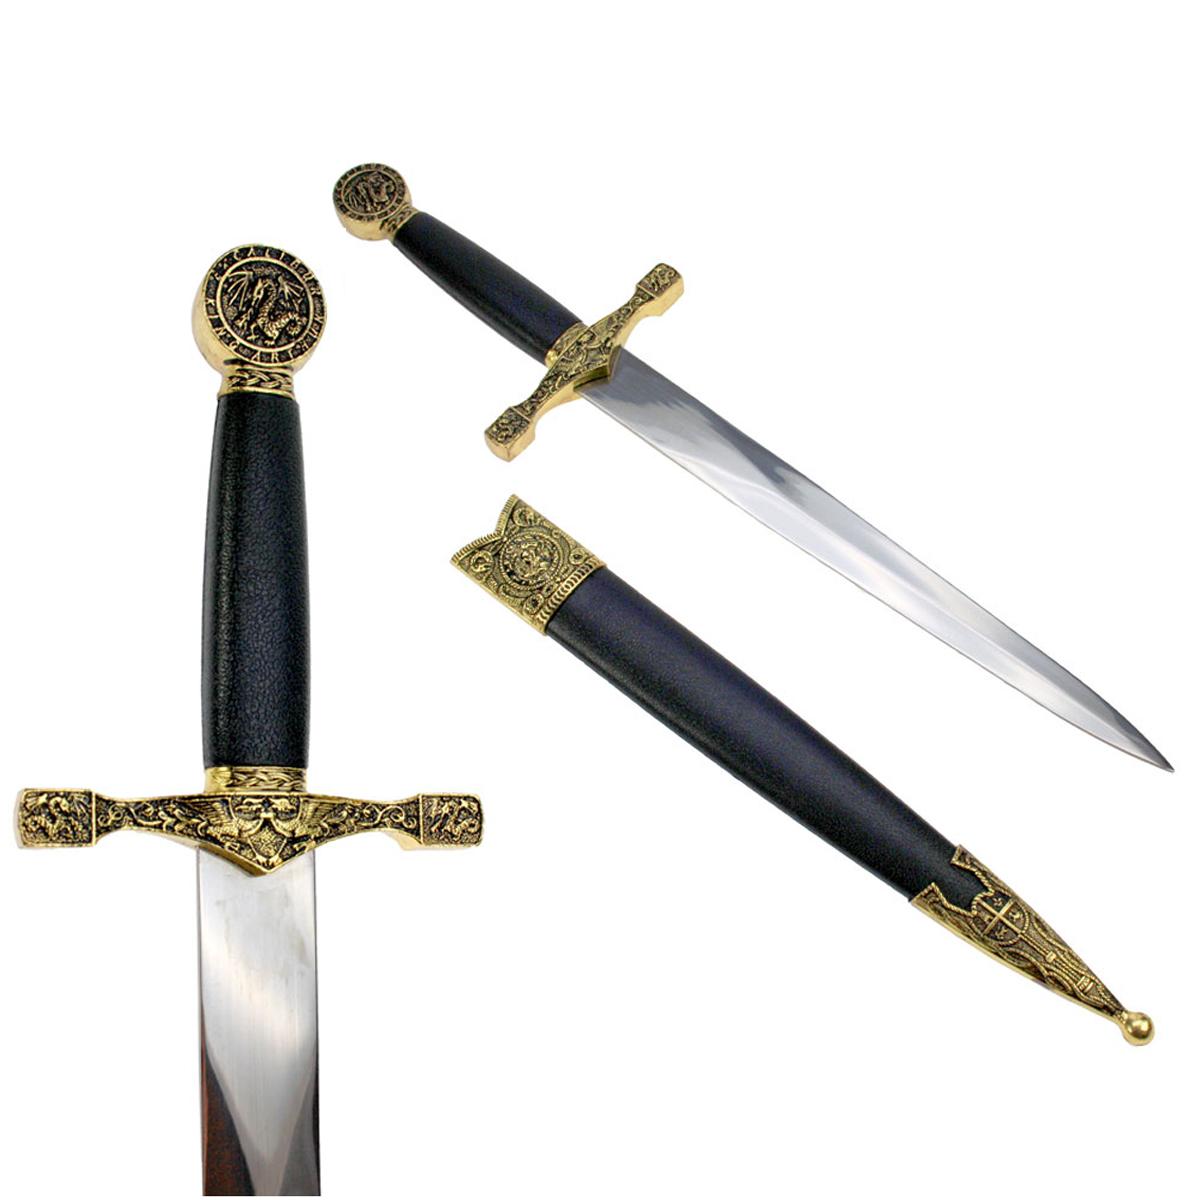 Dague \'Moyen Age\' noir doré - 39 cm - [A1343]